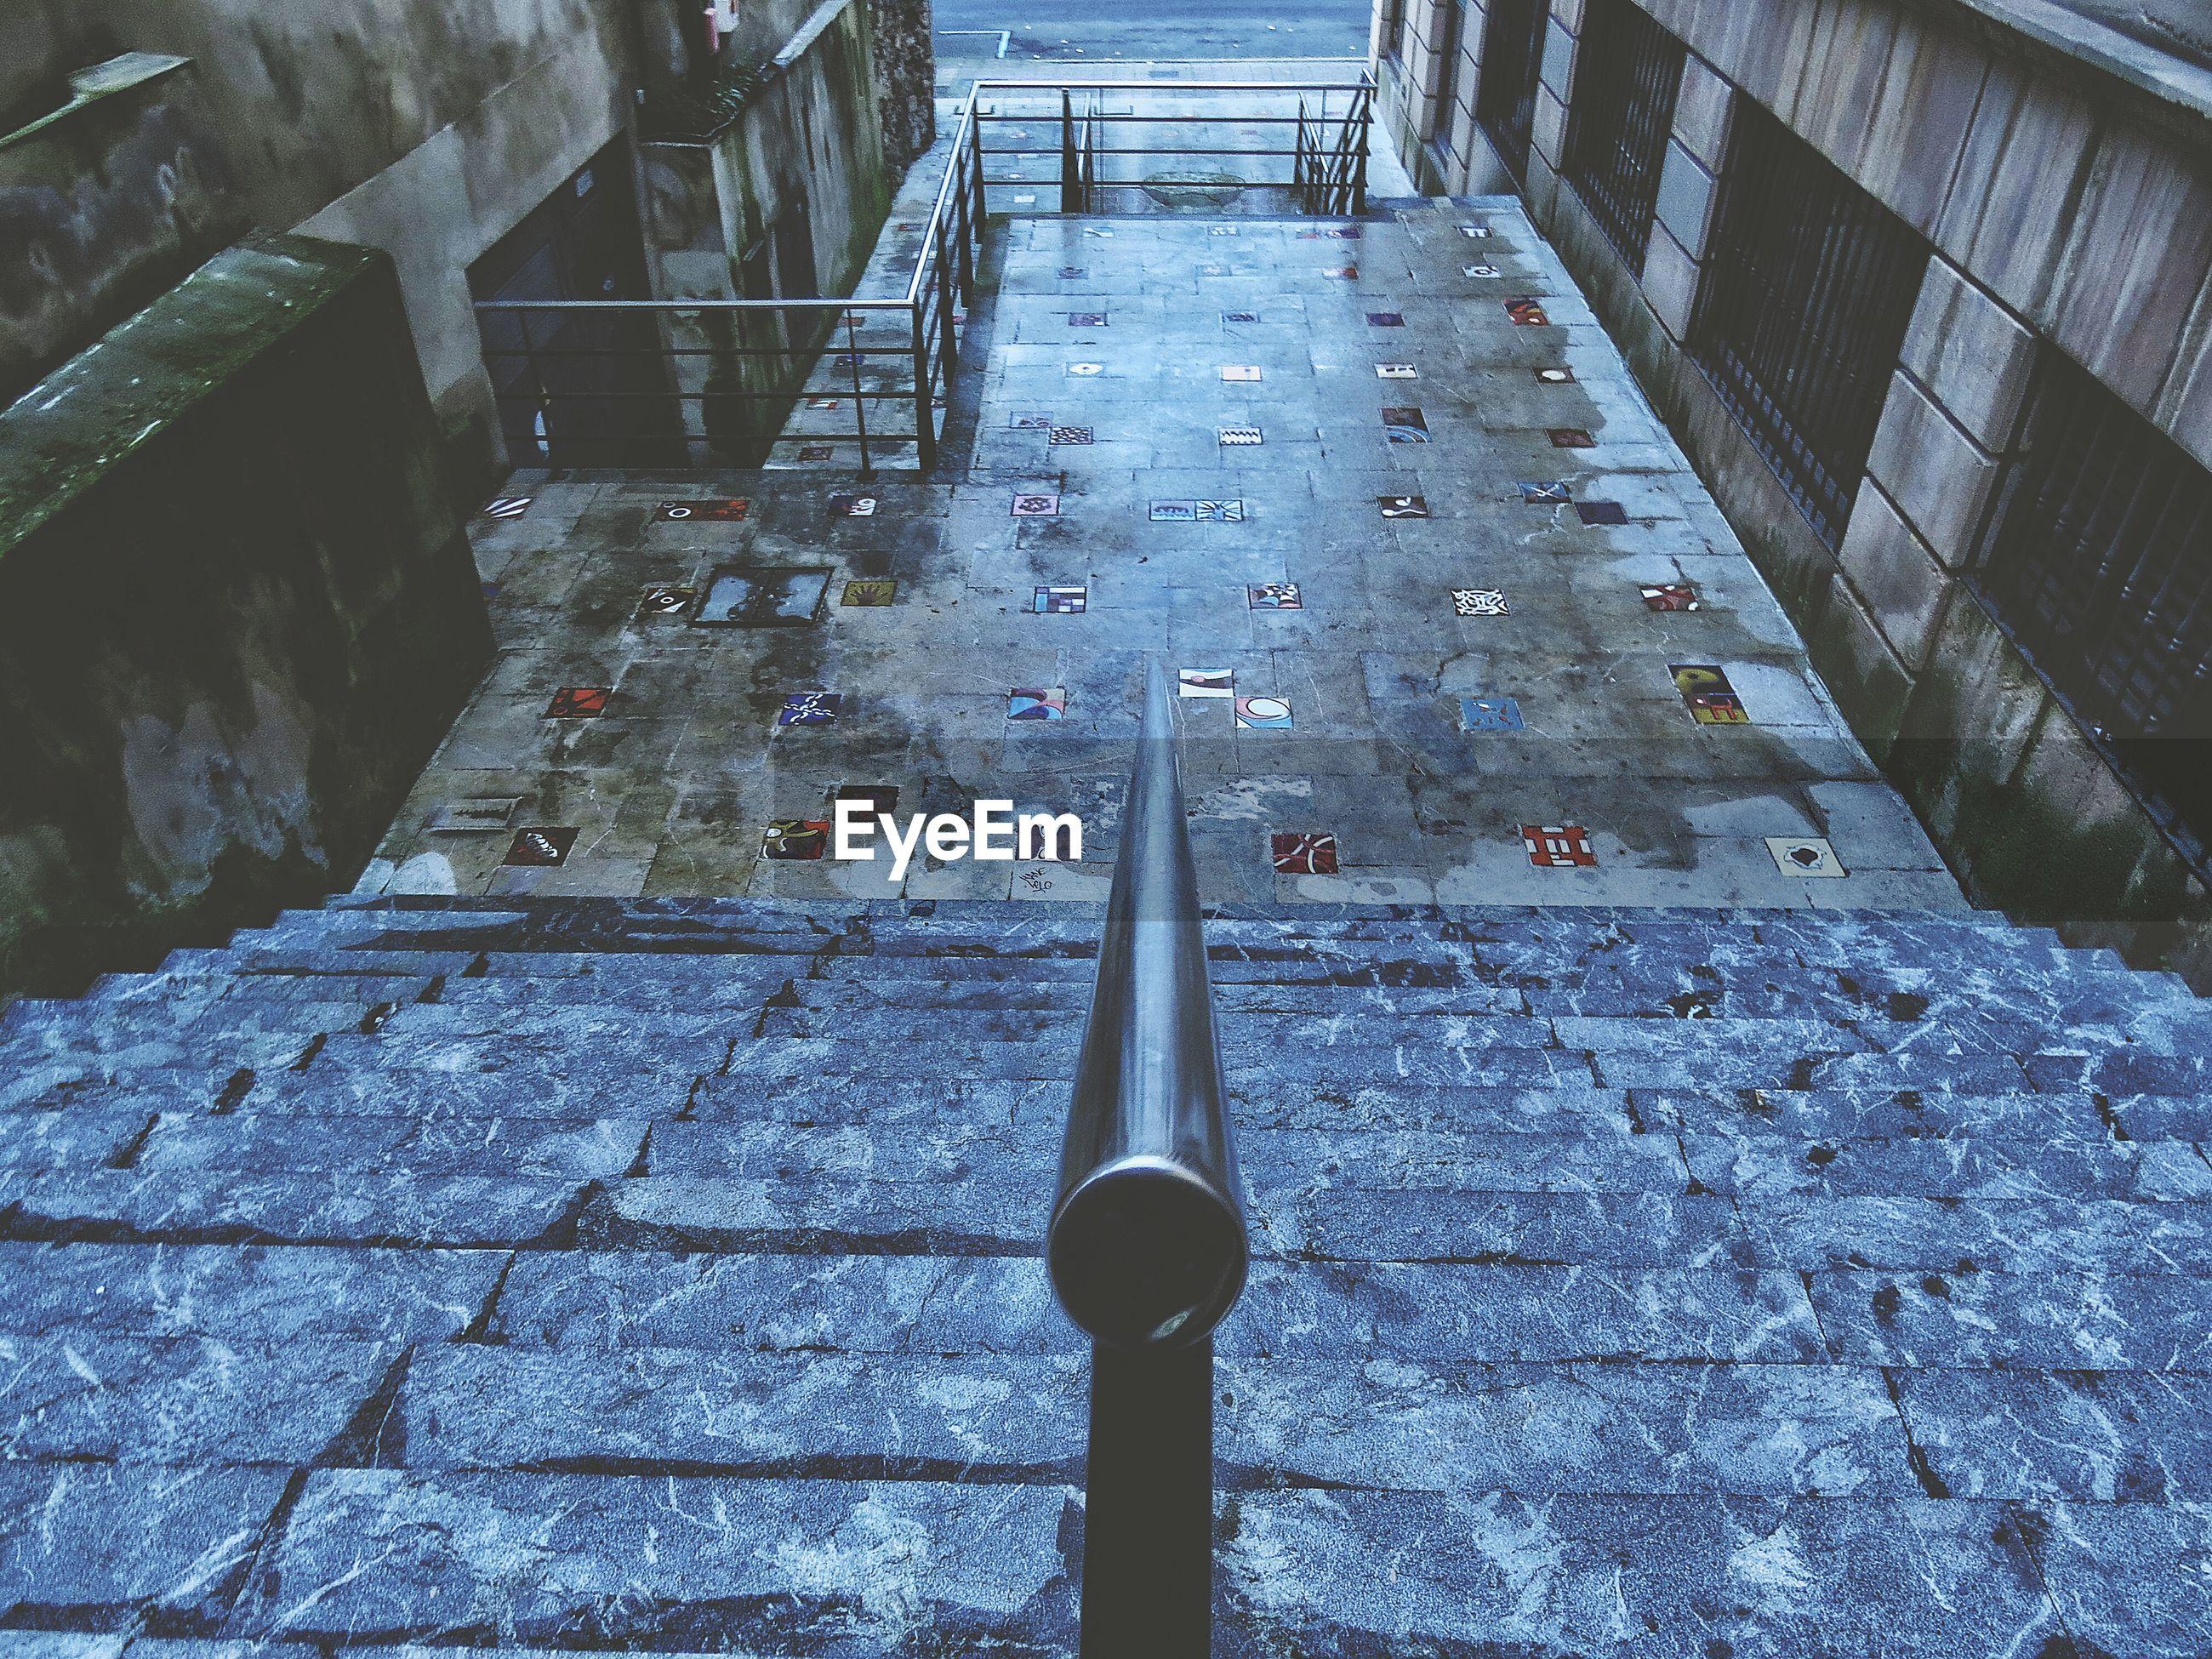 Empty steps outside buildings